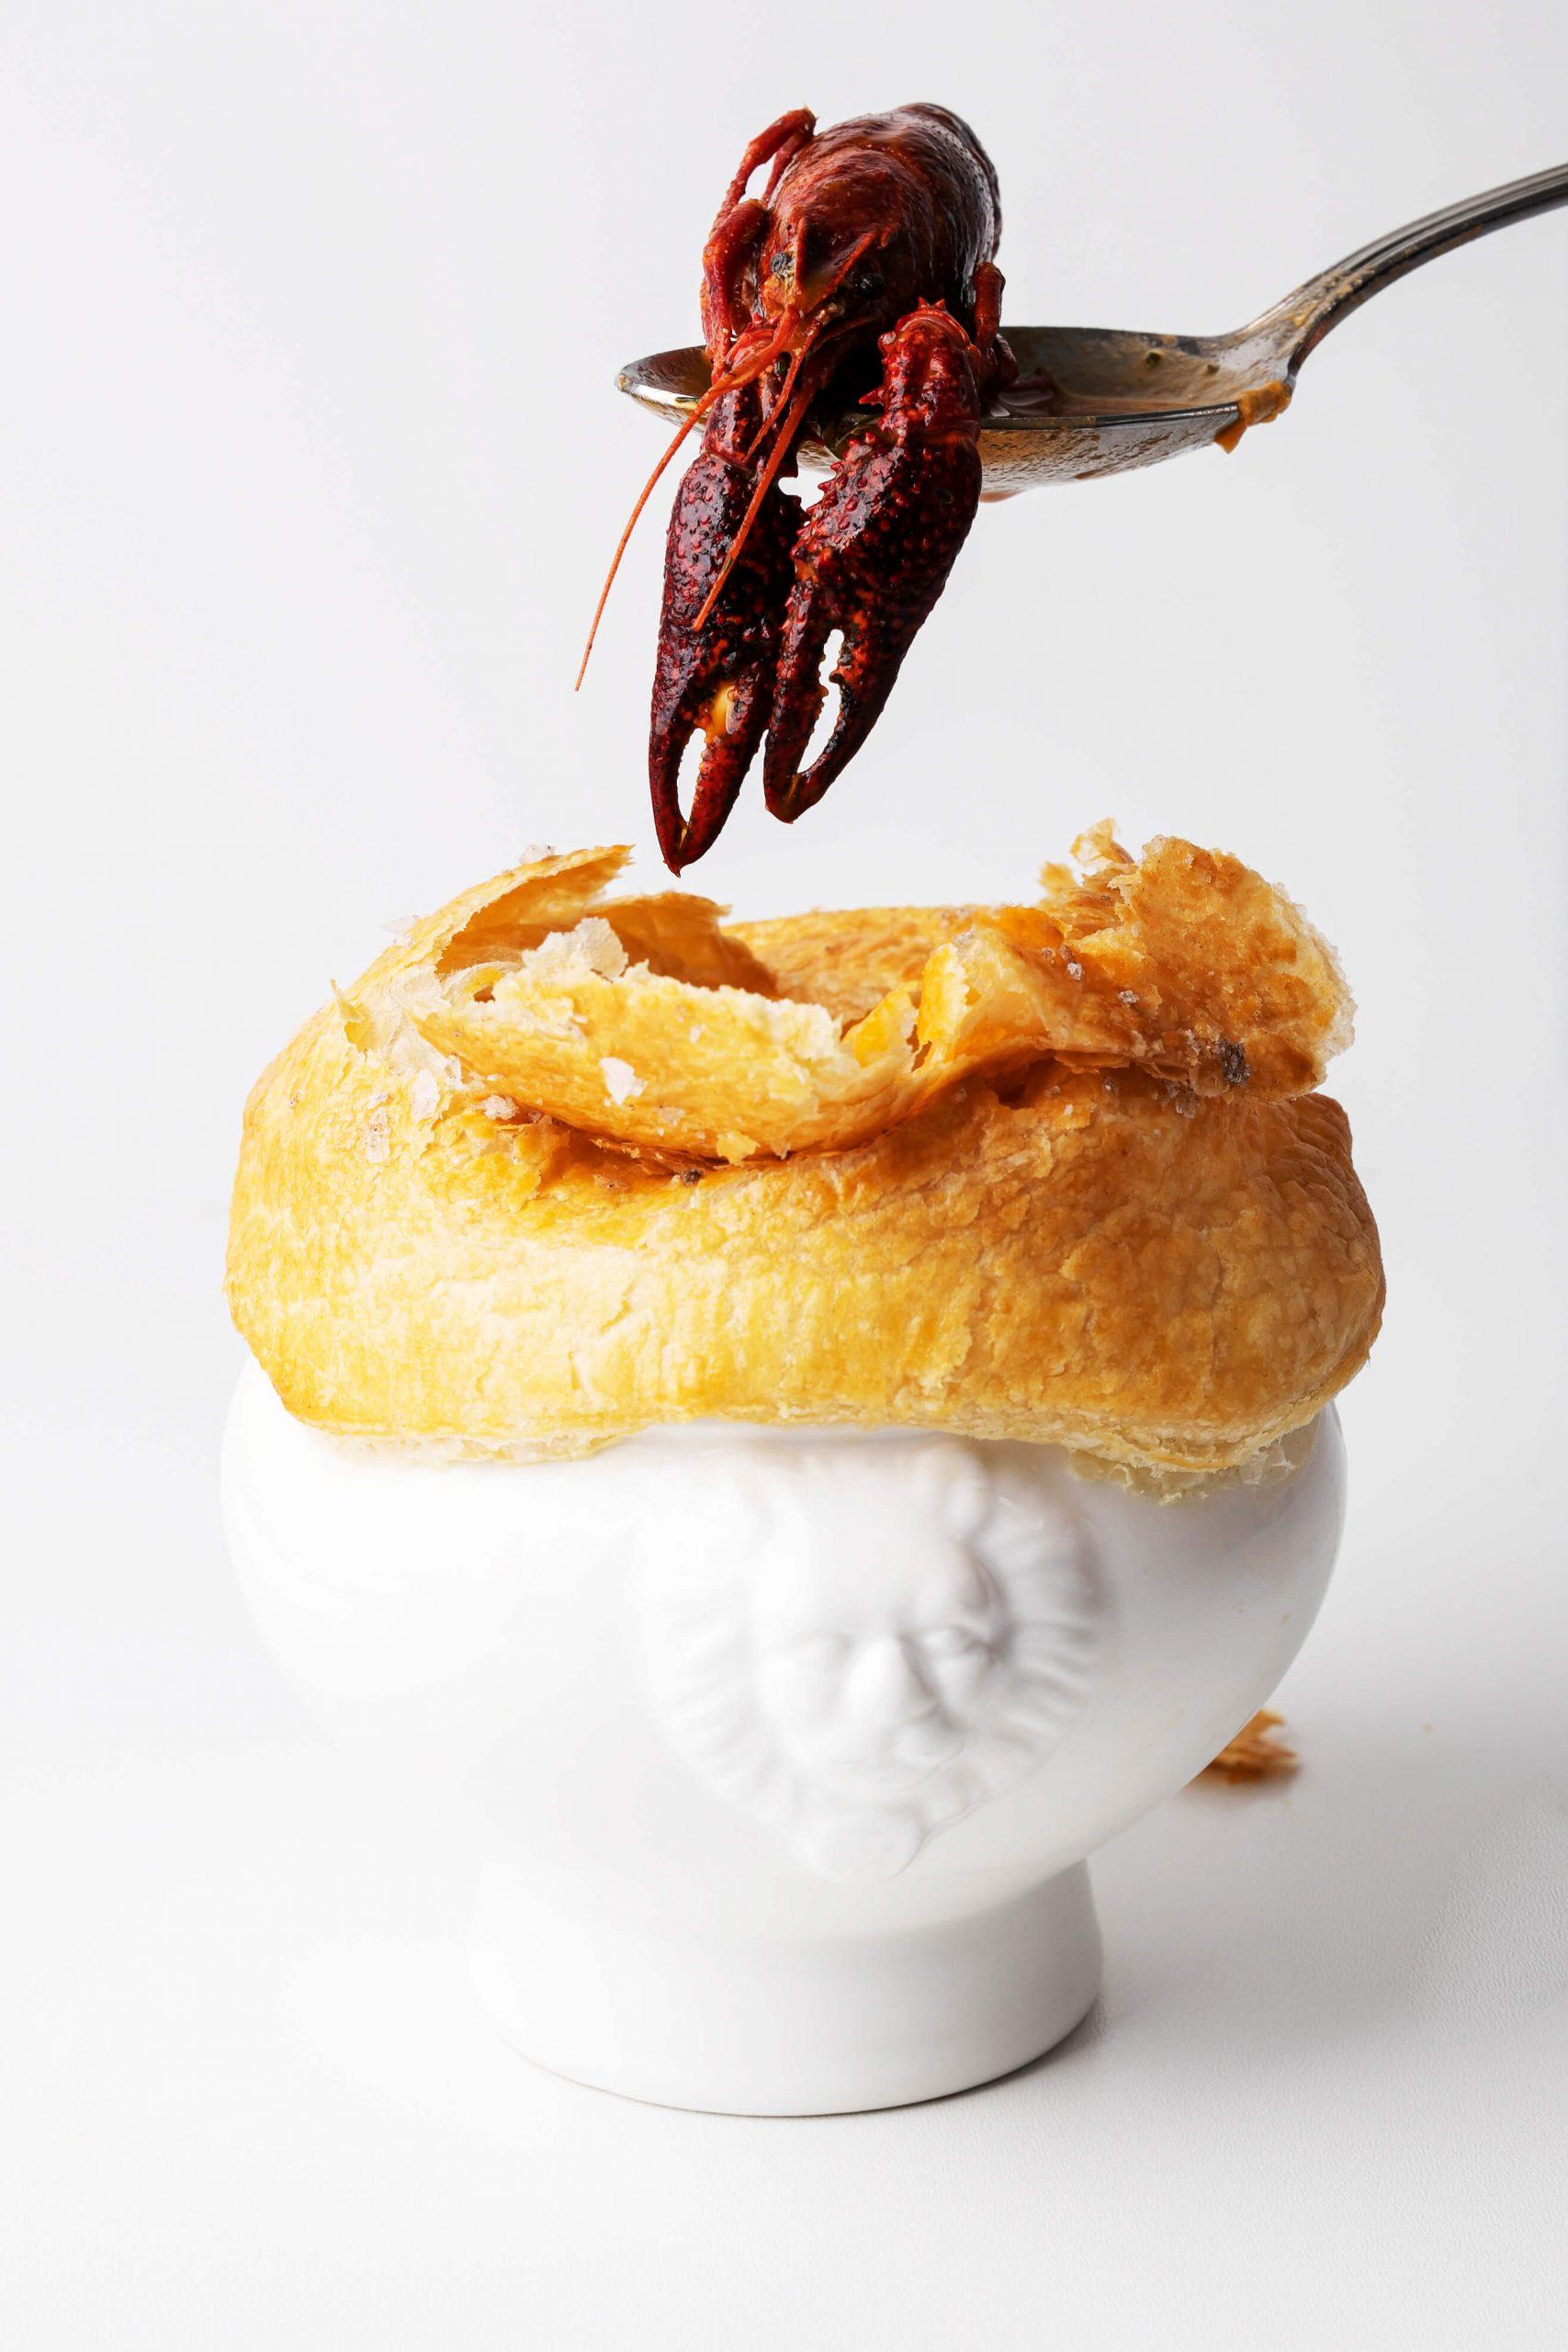 zupa rakowa fot. Joanna Ogorek 3 scaled - Dzień Turystyki Kulinarnej - przepis na kaszubską zupę rakową